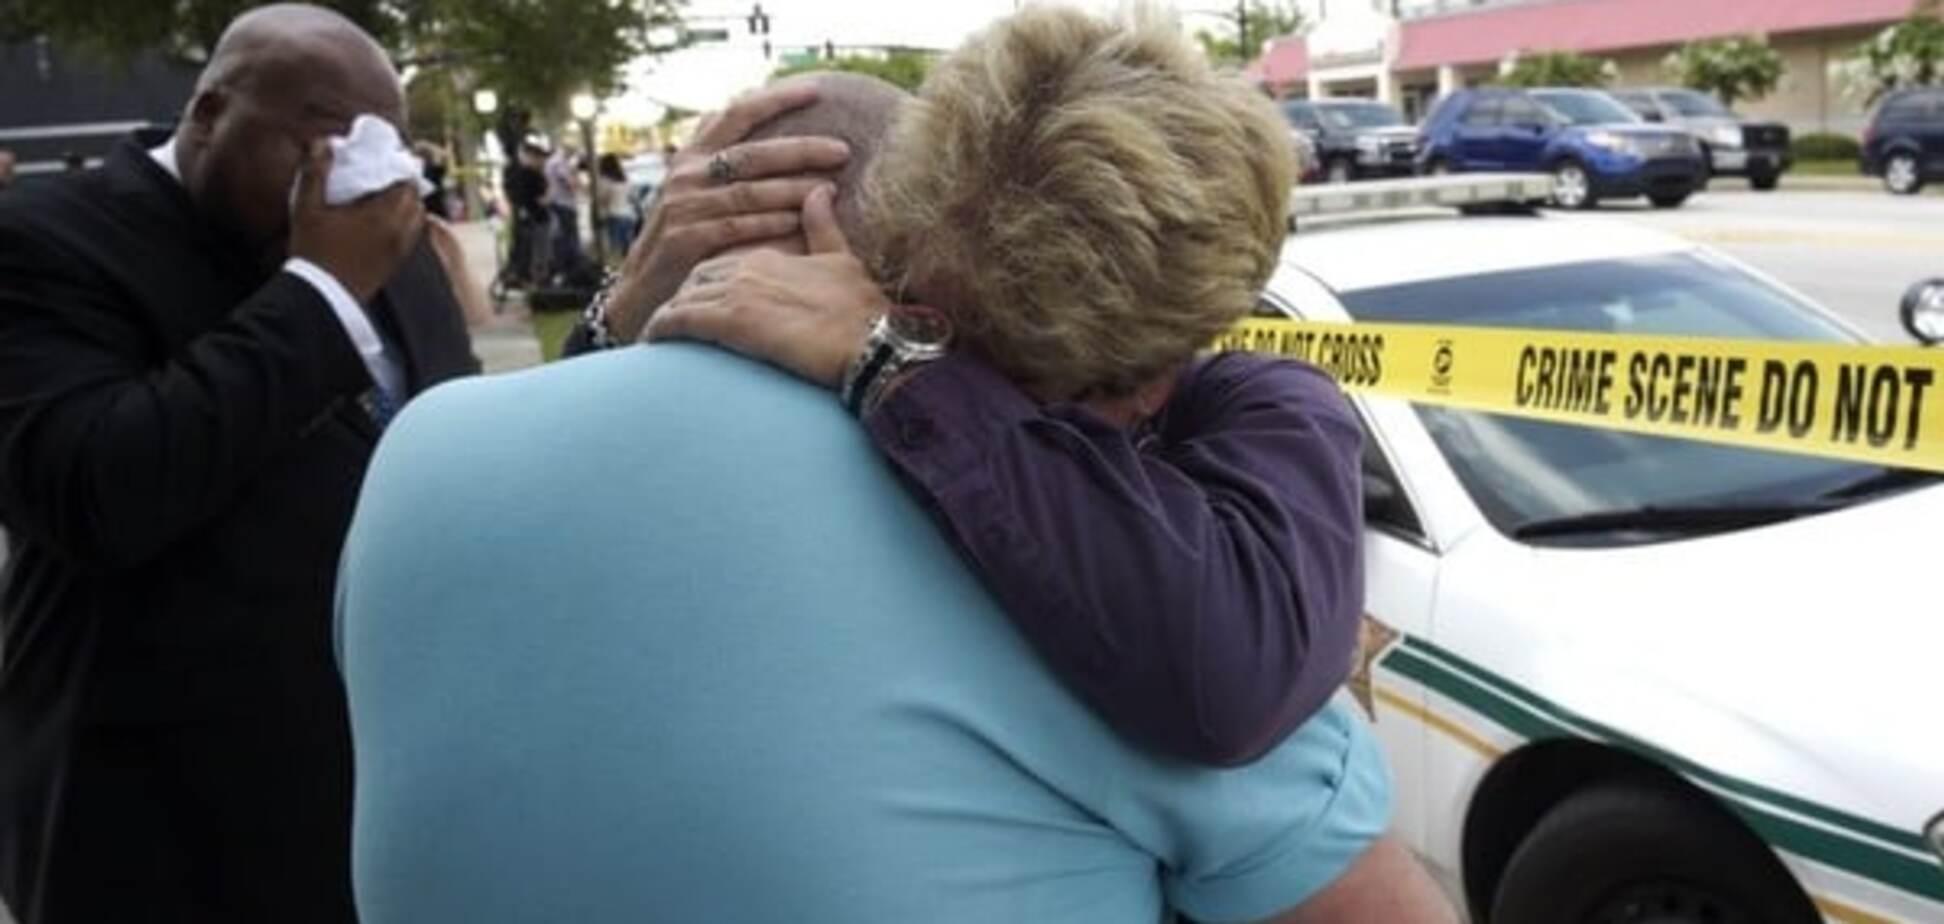 Трагедія в Орландо: акт екстремізму б'є сумні рекорди